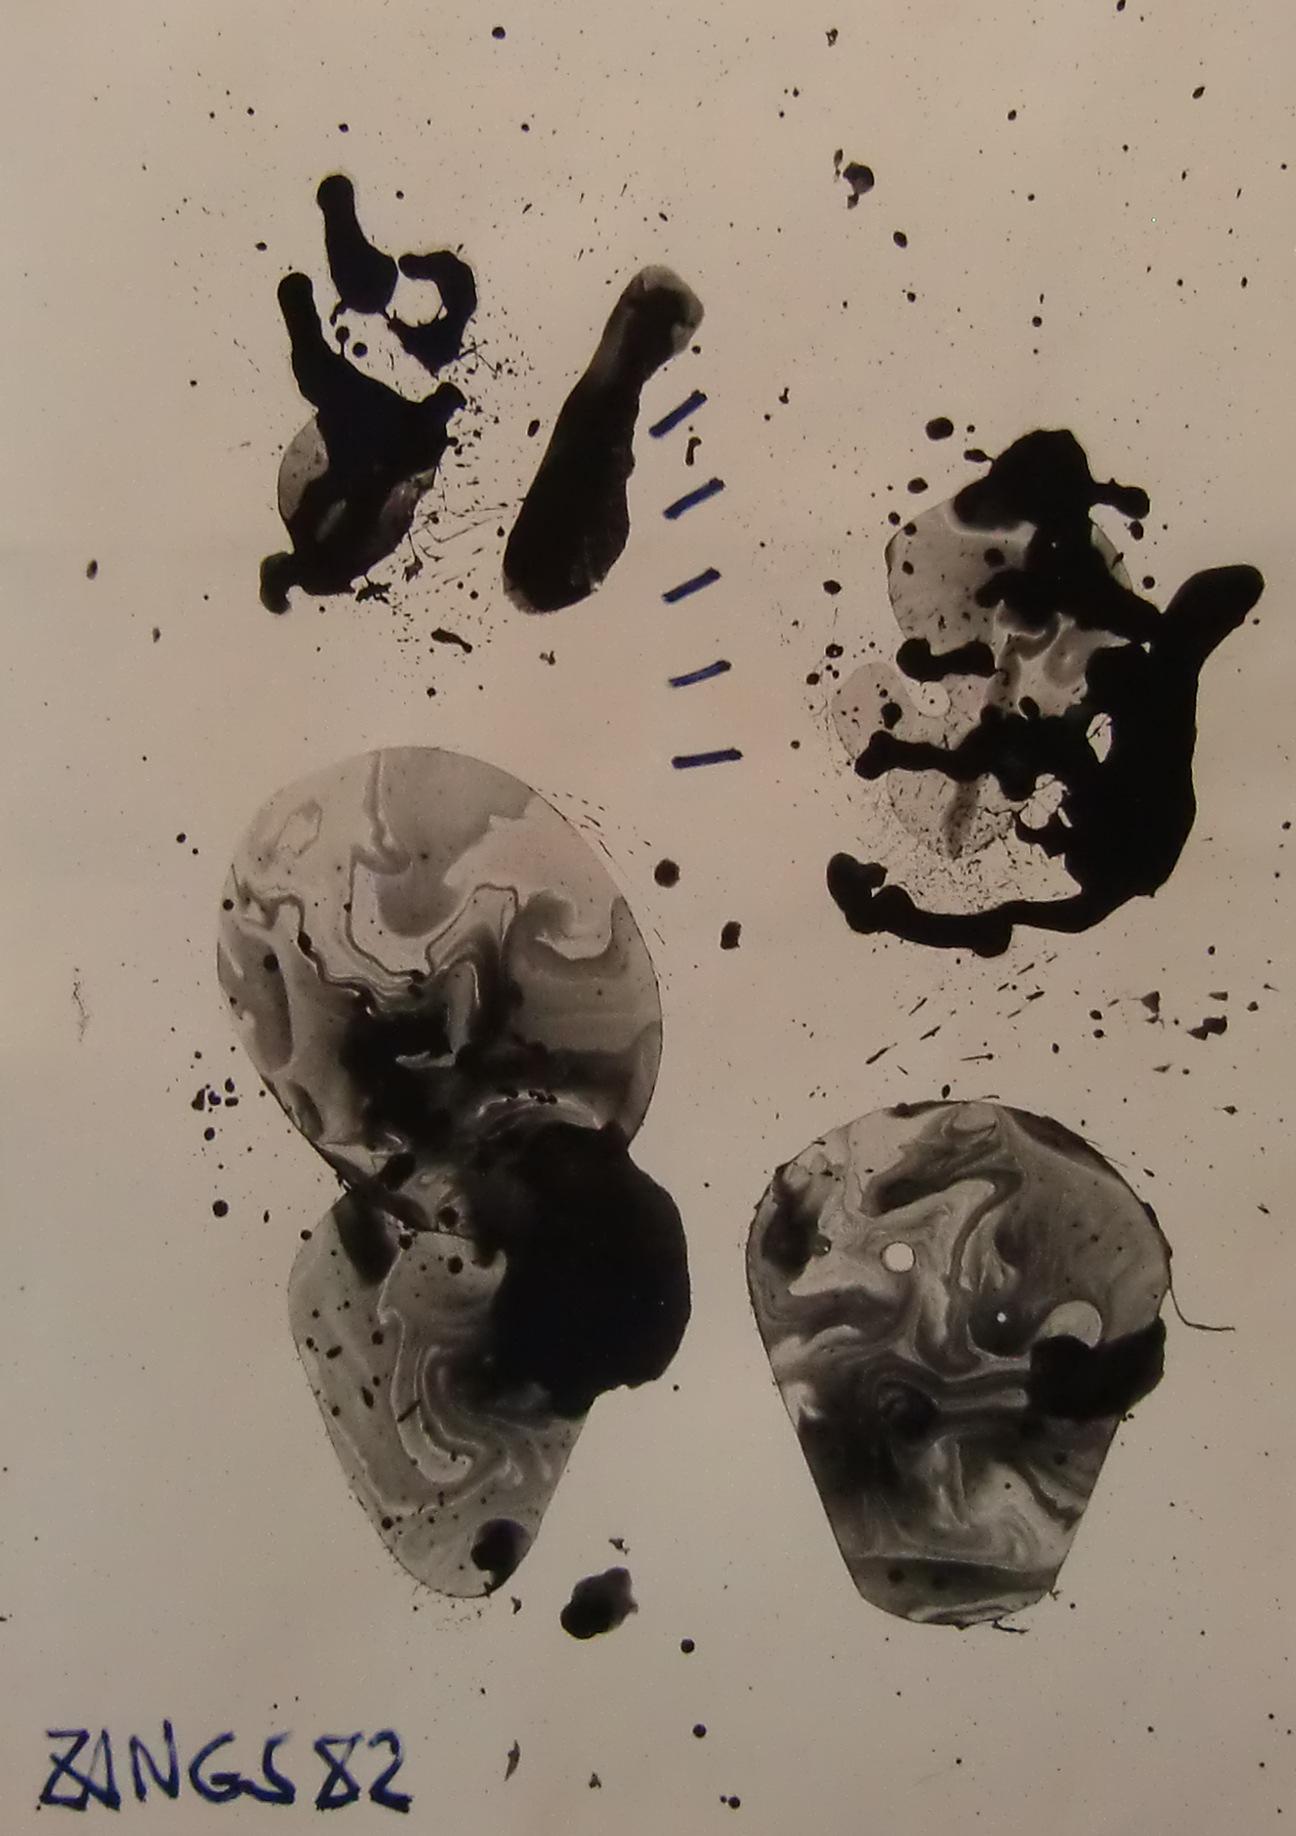 24 – Herbert Zangs (1924 – 2003)<br><br>Ohne Titel / Blasenbild 1982<br>Dispersionsfarbe auf Papier<br>43,0 x 30,6 cm<br>links unten signiert und datiert 82<br>rückseitig Nachlass-Stempel<br>Provenienz: Nachlass des Künstlers<br>Die Arbeit ist in das Herbert Zangs Nachlass-Archiv Maulberger aufgenommen.